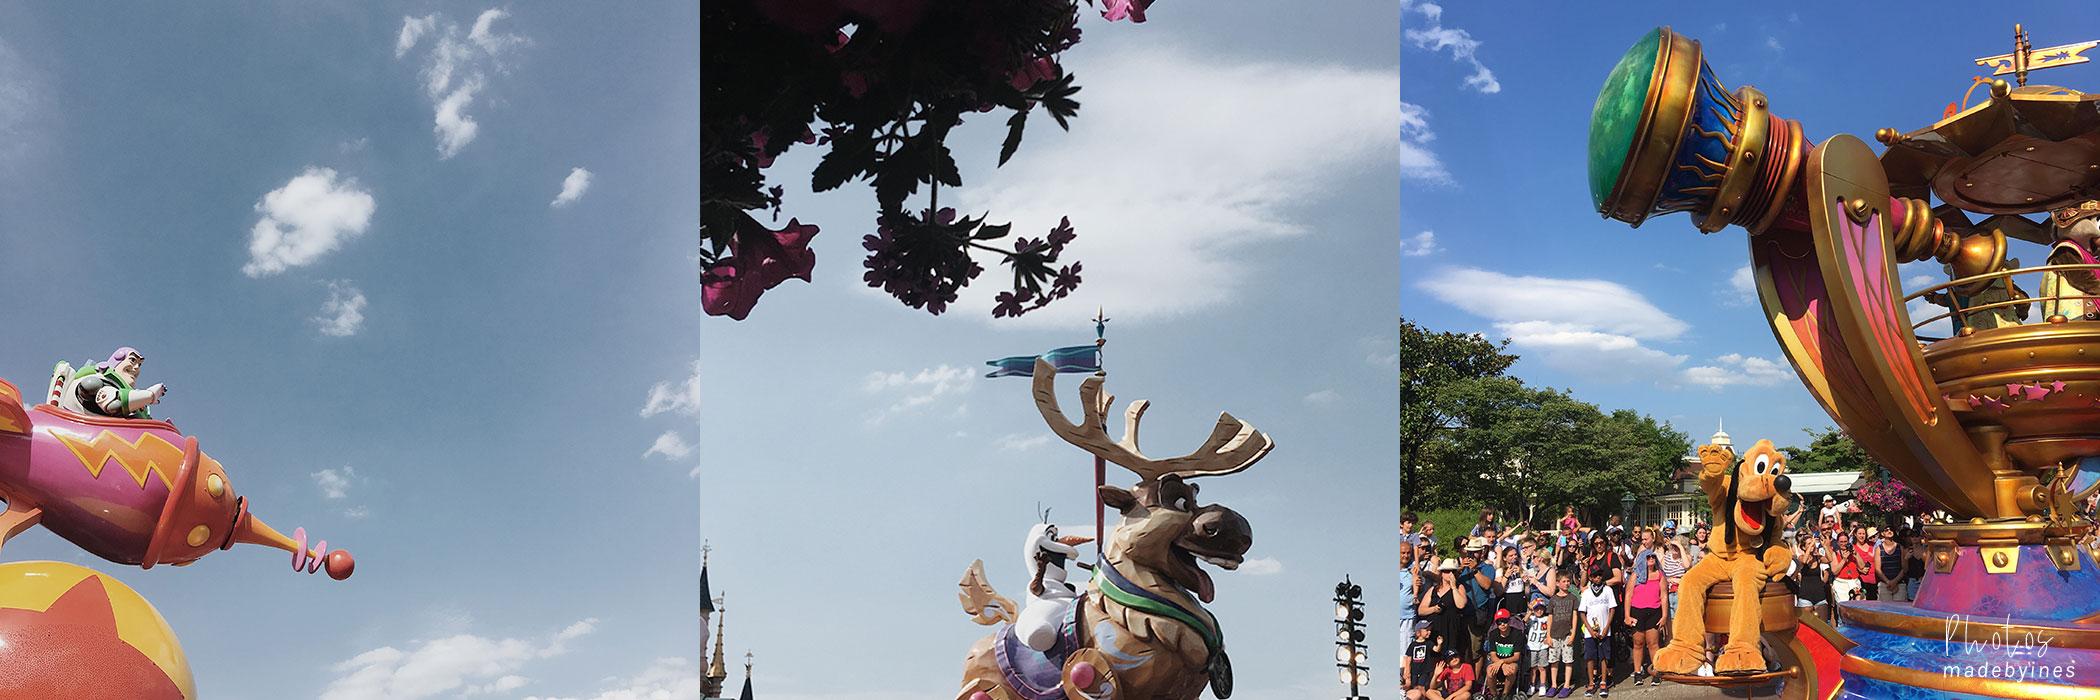 Disney parade  — Disneyland Parijs